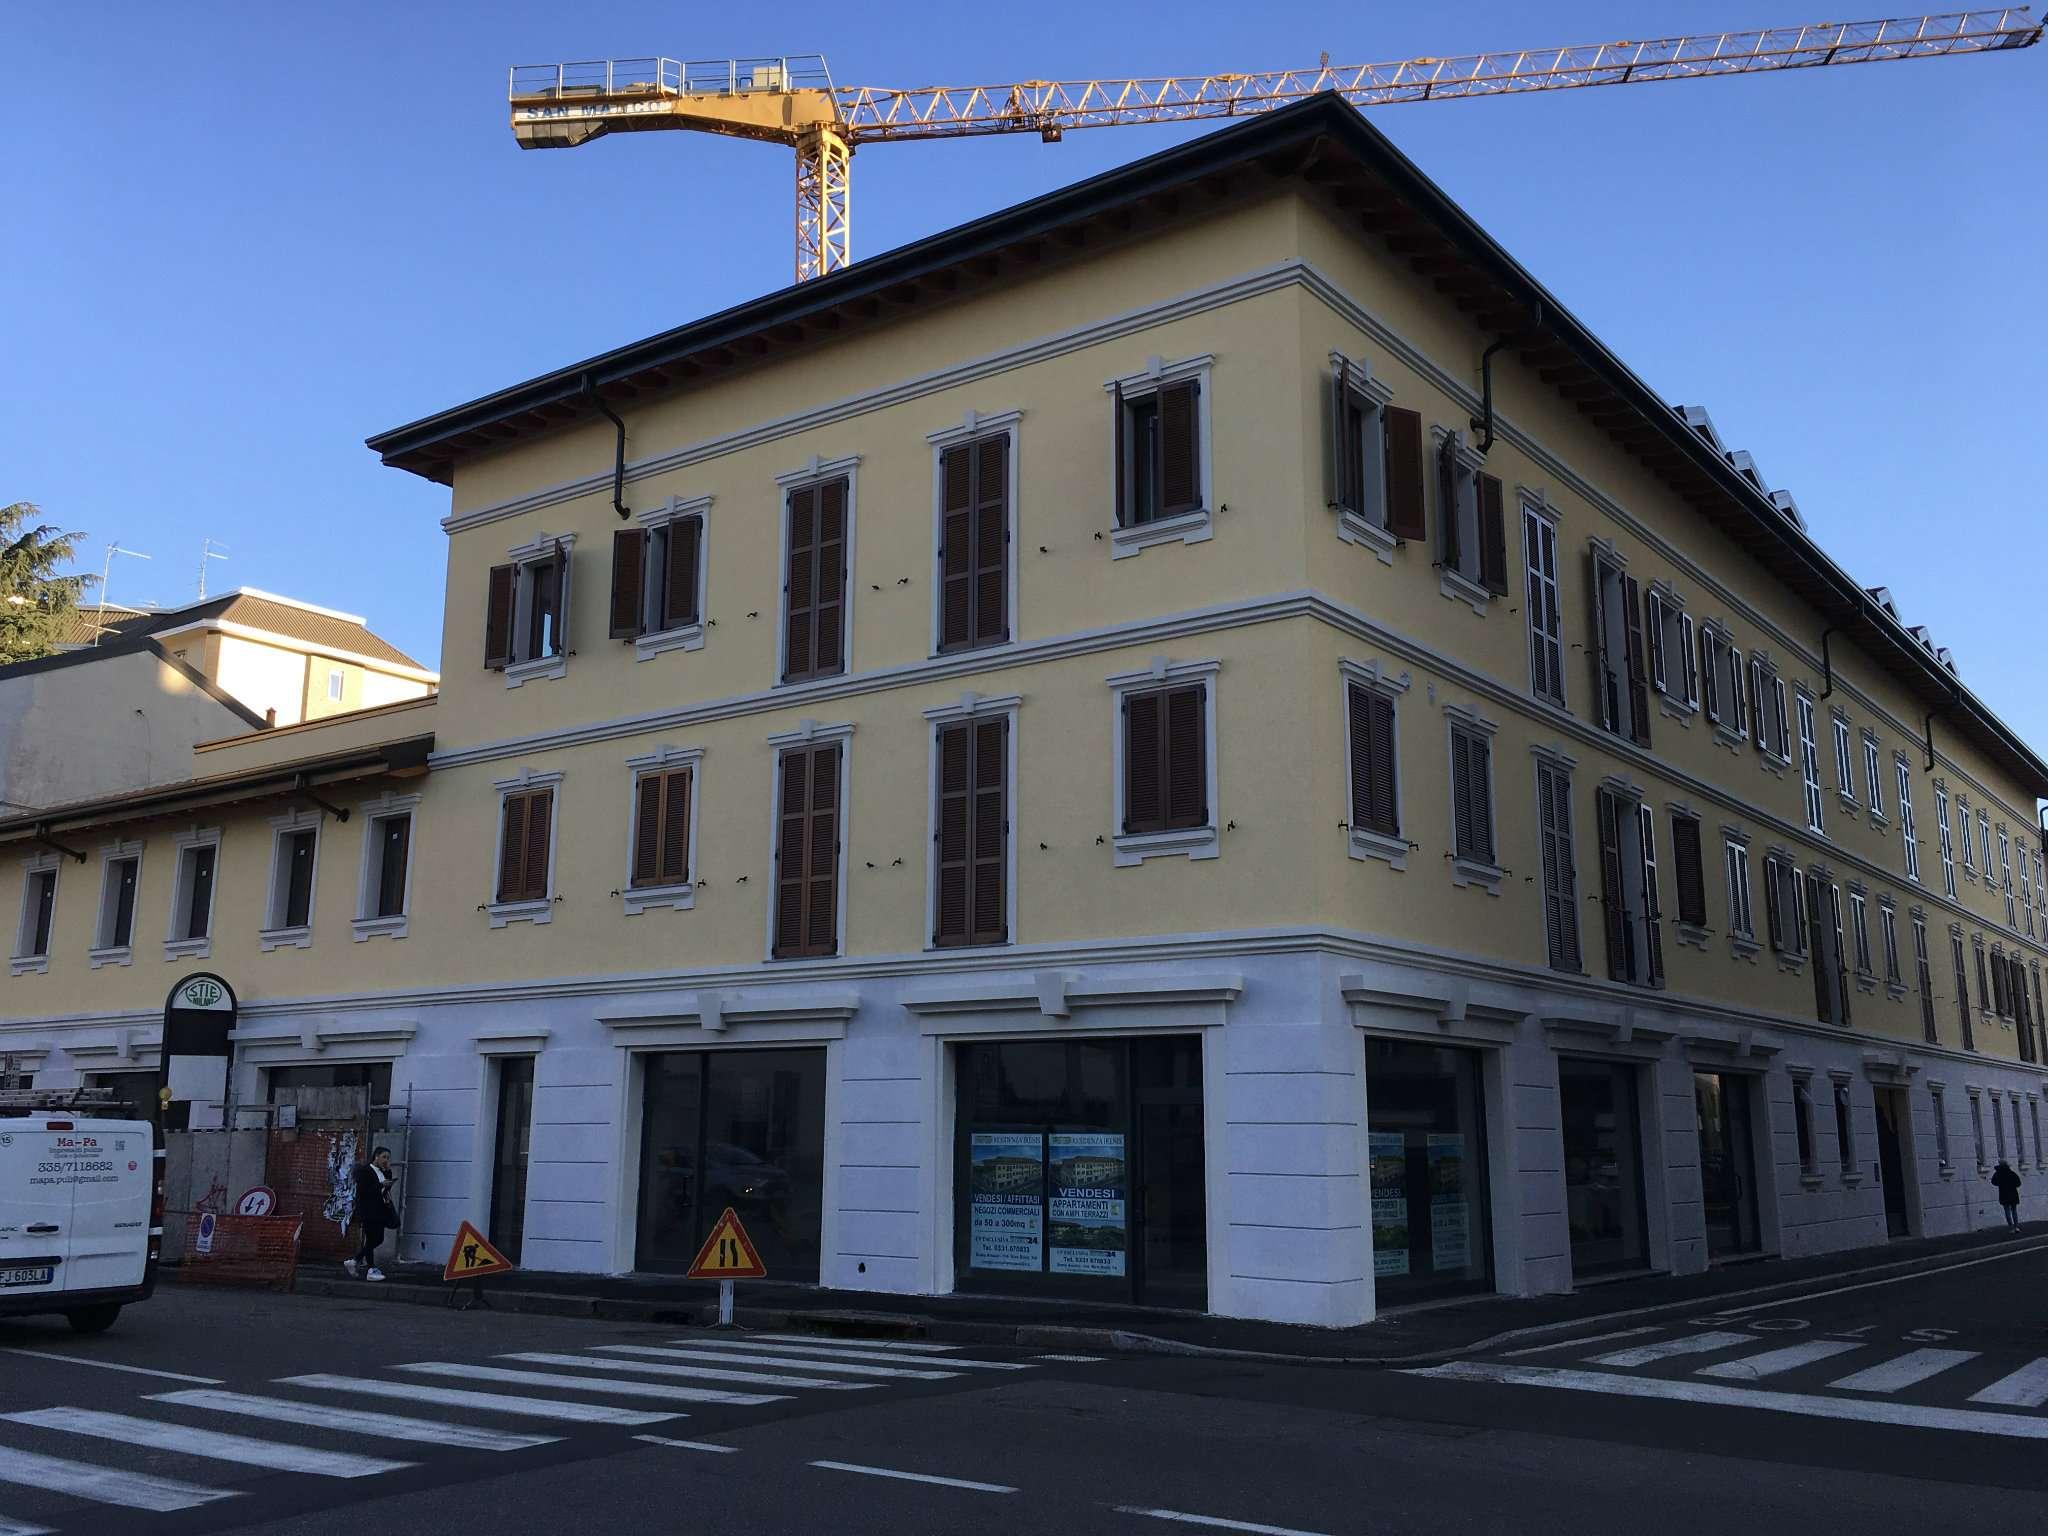 Negozio / Locale in vendita a Busto Arsizio, 1 locali, prezzo € 706.860 | PortaleAgenzieImmobiliari.it